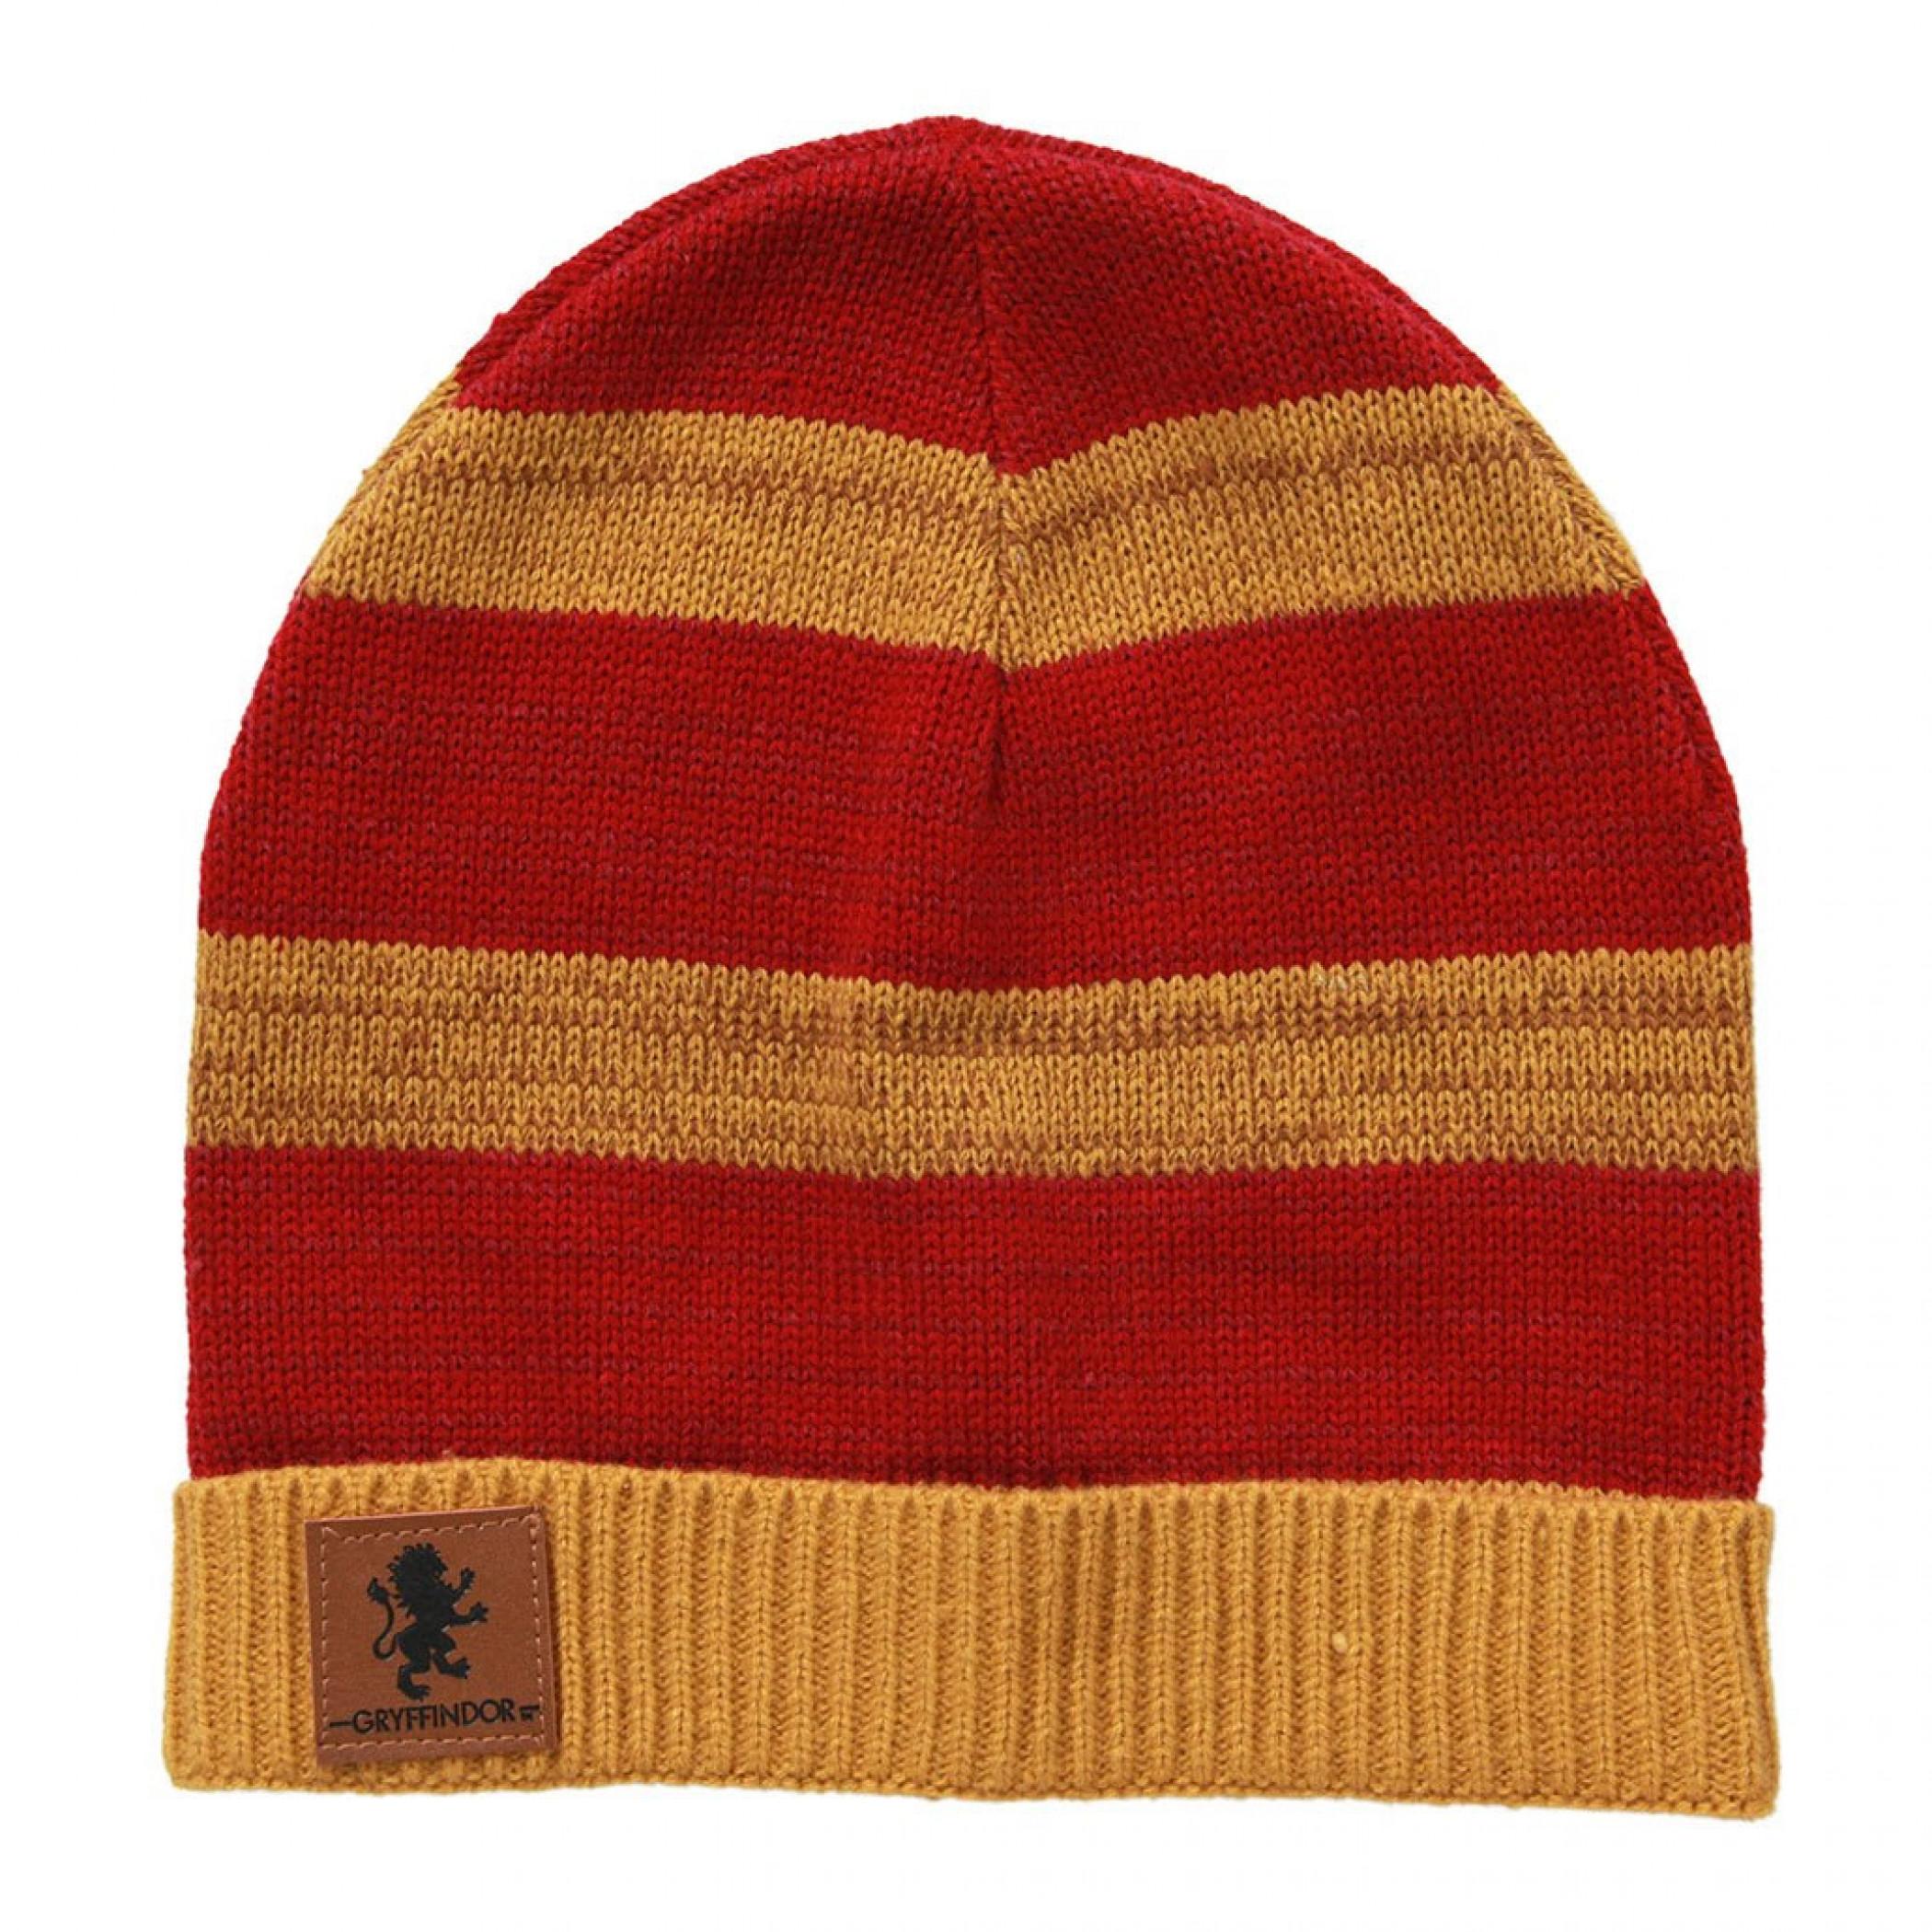 Harry Potter Gryffindor Knit Beanie